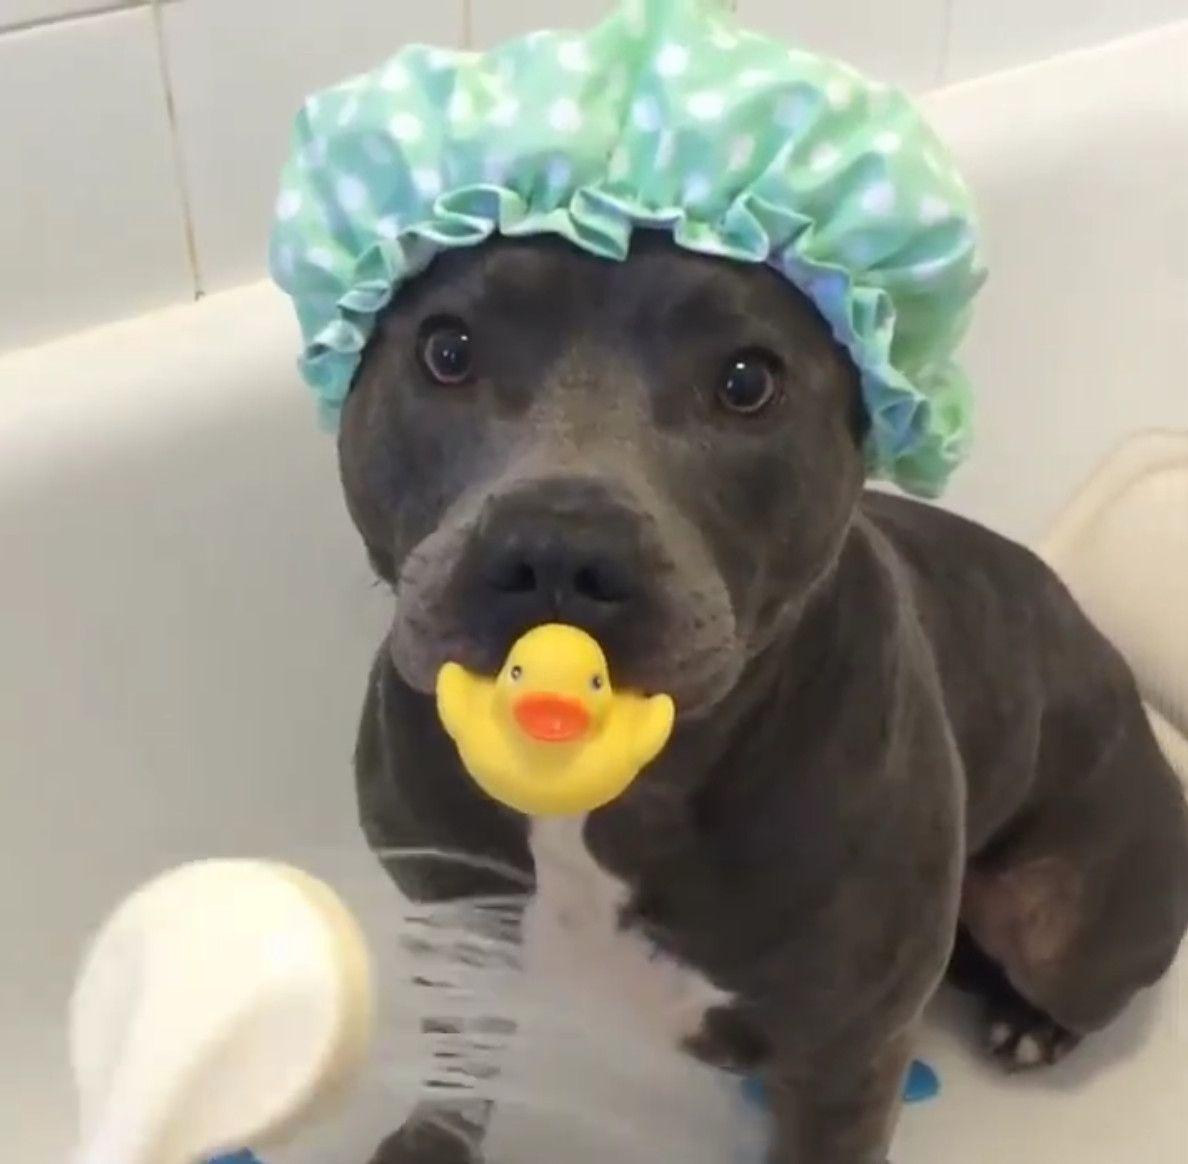 """Virales Video """"Hund im süßen Baby-Outfit in der Badewanne ..."""